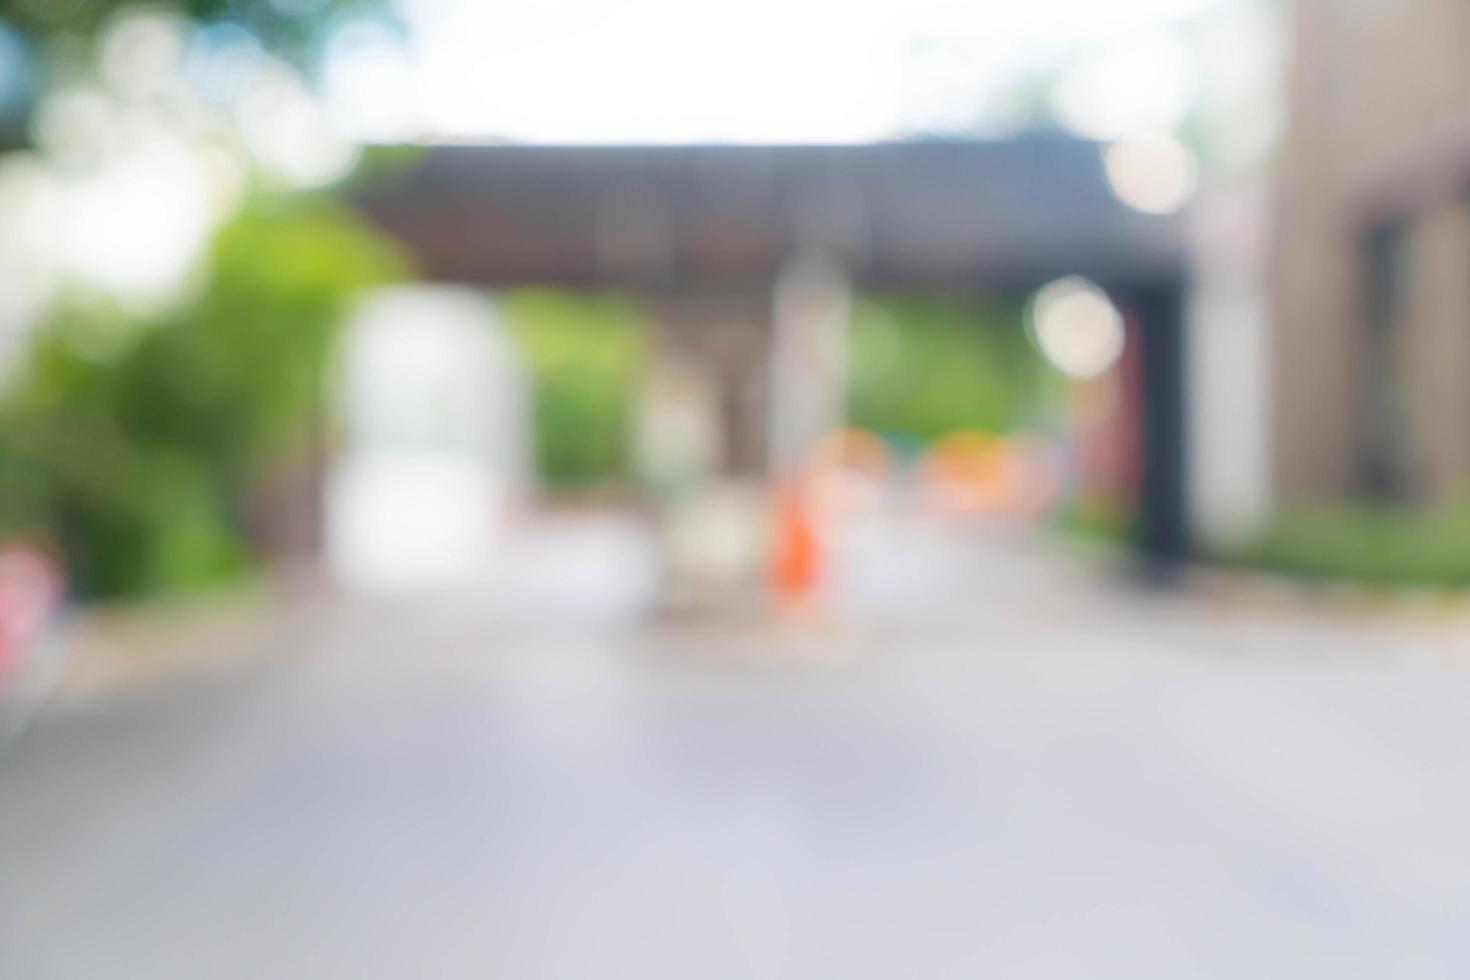 abstrakt oskärpa inträde och utfart sätt att parkera bil för bakgrund foto